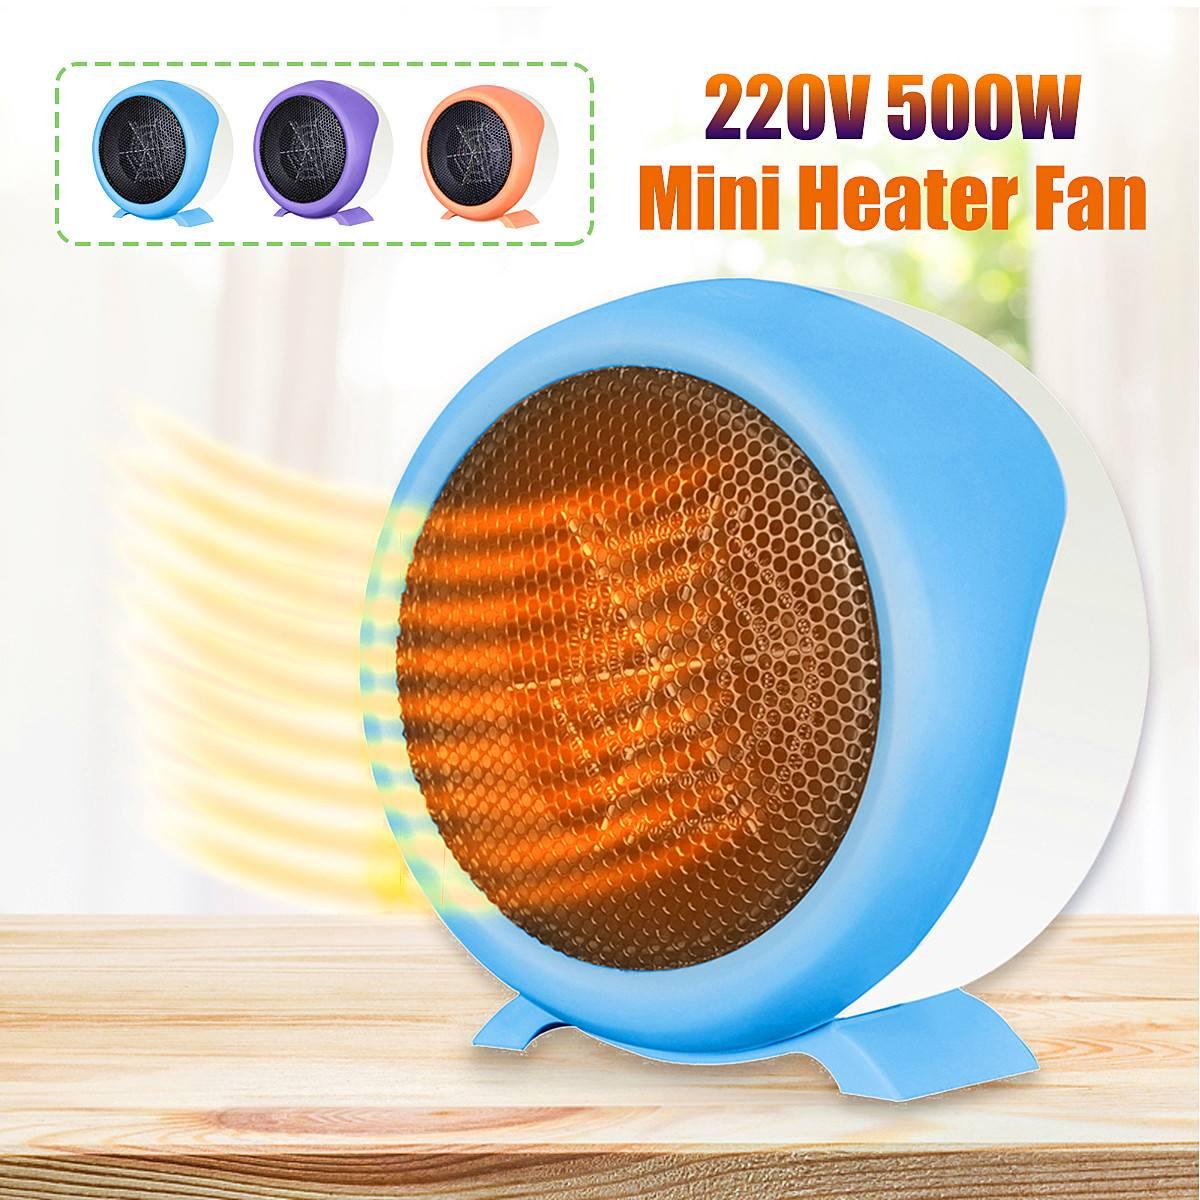 Mini ventilador eléctrico portátil del calentador de aire caliente soplador silencioso hogar Oficina invierno calentador 220V aire acondicionado máquina de calentamiento